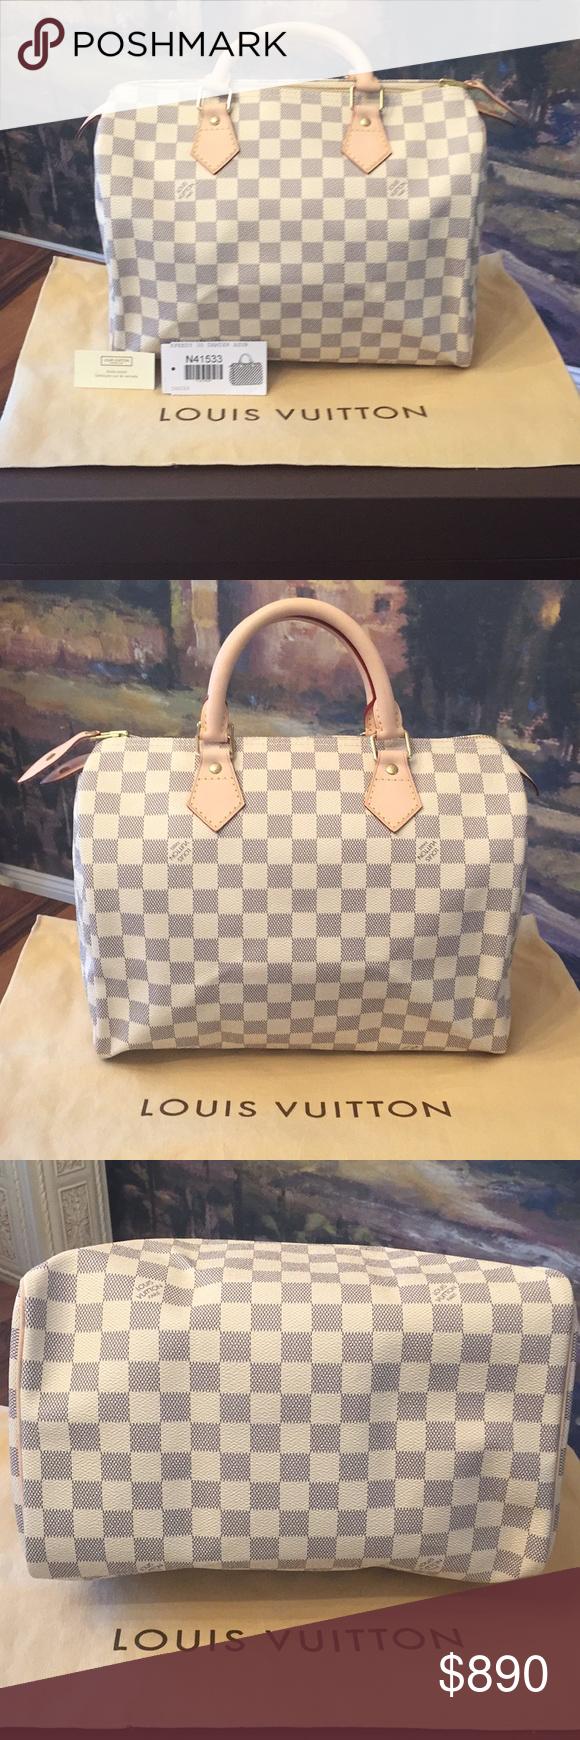 c893d770561 Louis Vuitton Damier Azur Speedy 30 Handbag Authentic LV Damier Azur ...